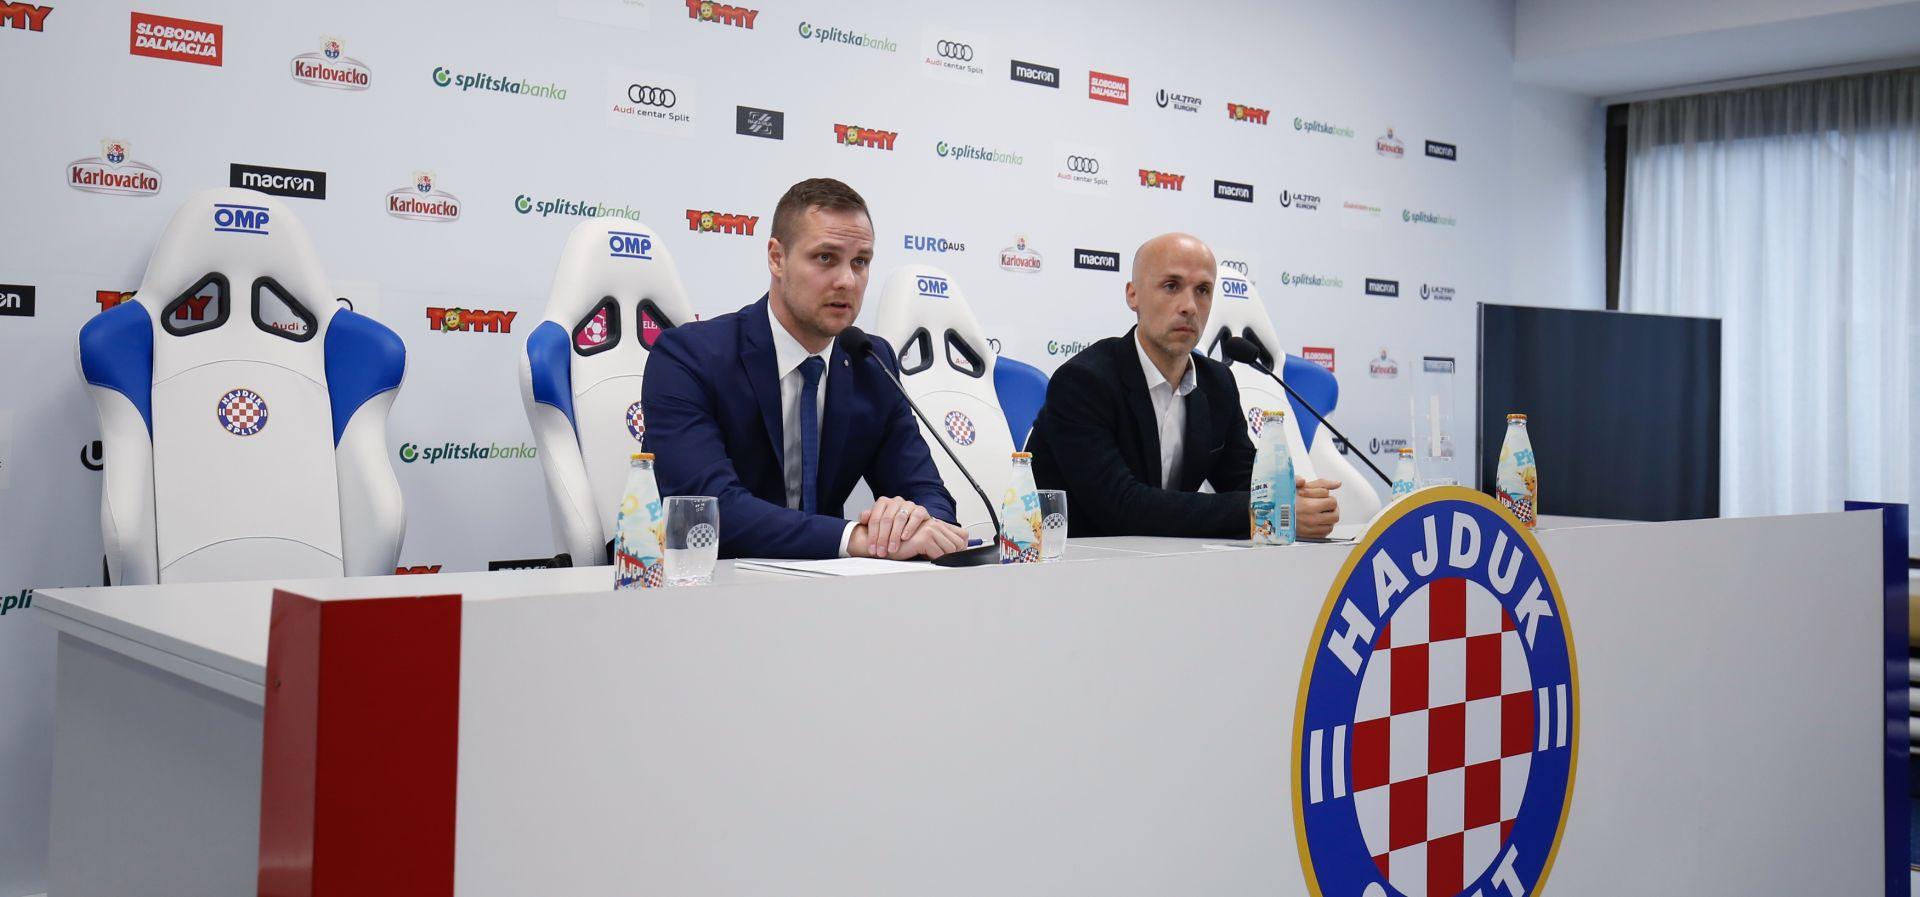 """JELIČIĆ """"Kos nema potrebnog znanja, iskustva, identitet da bi vodio klub kao što je Hajduk"""""""